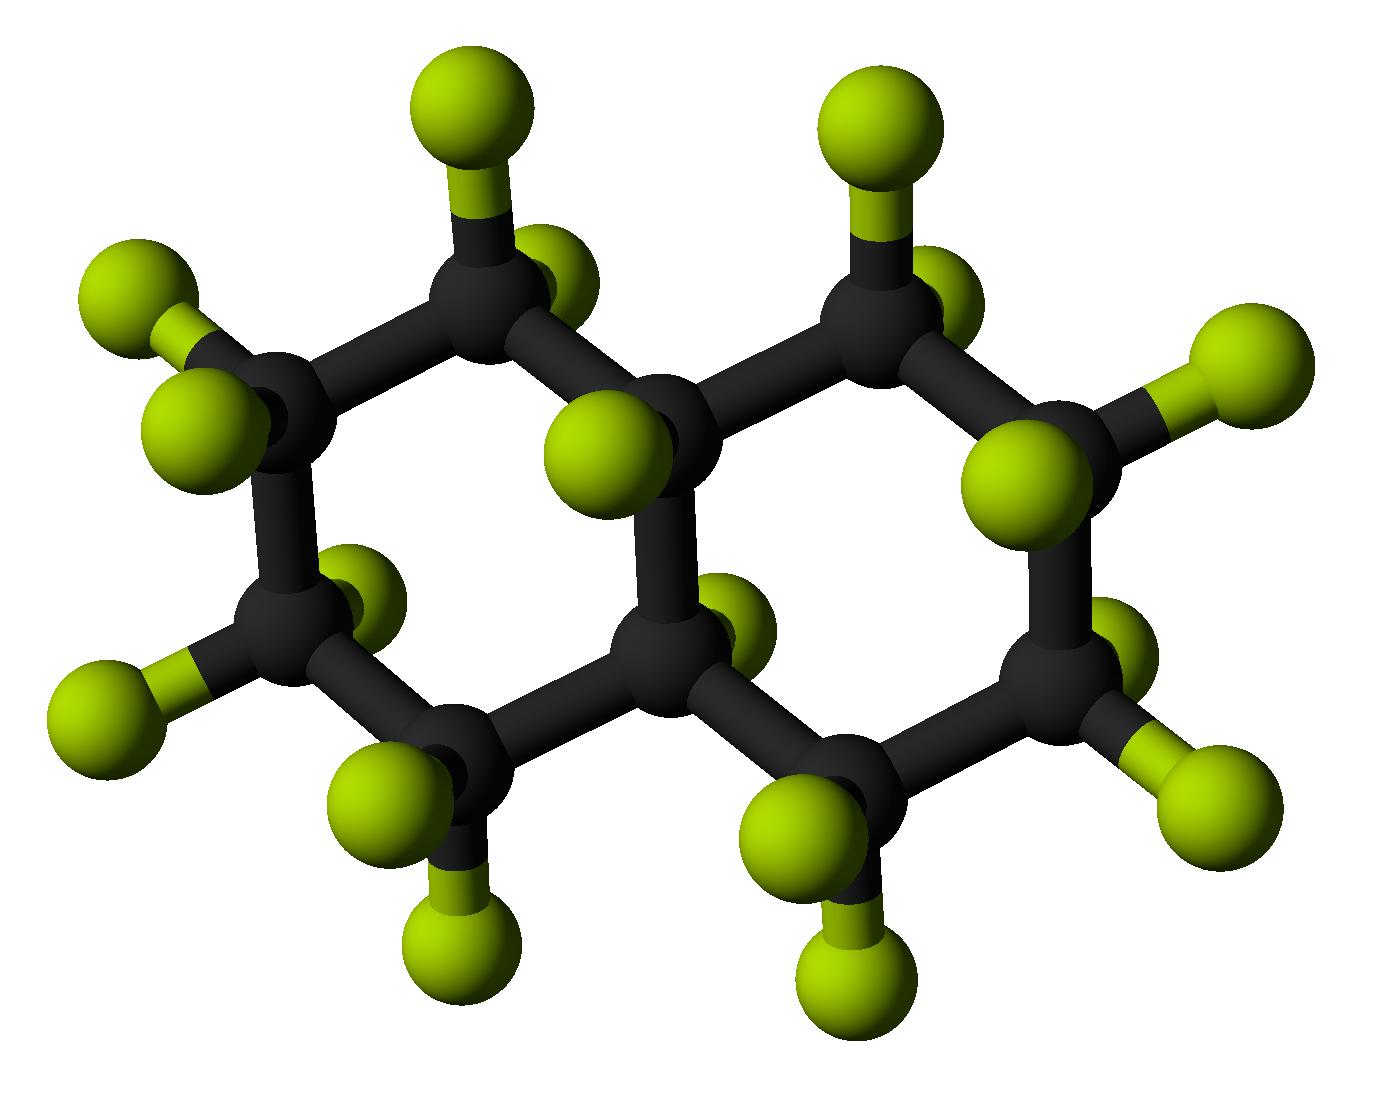 Fluoroelastomers